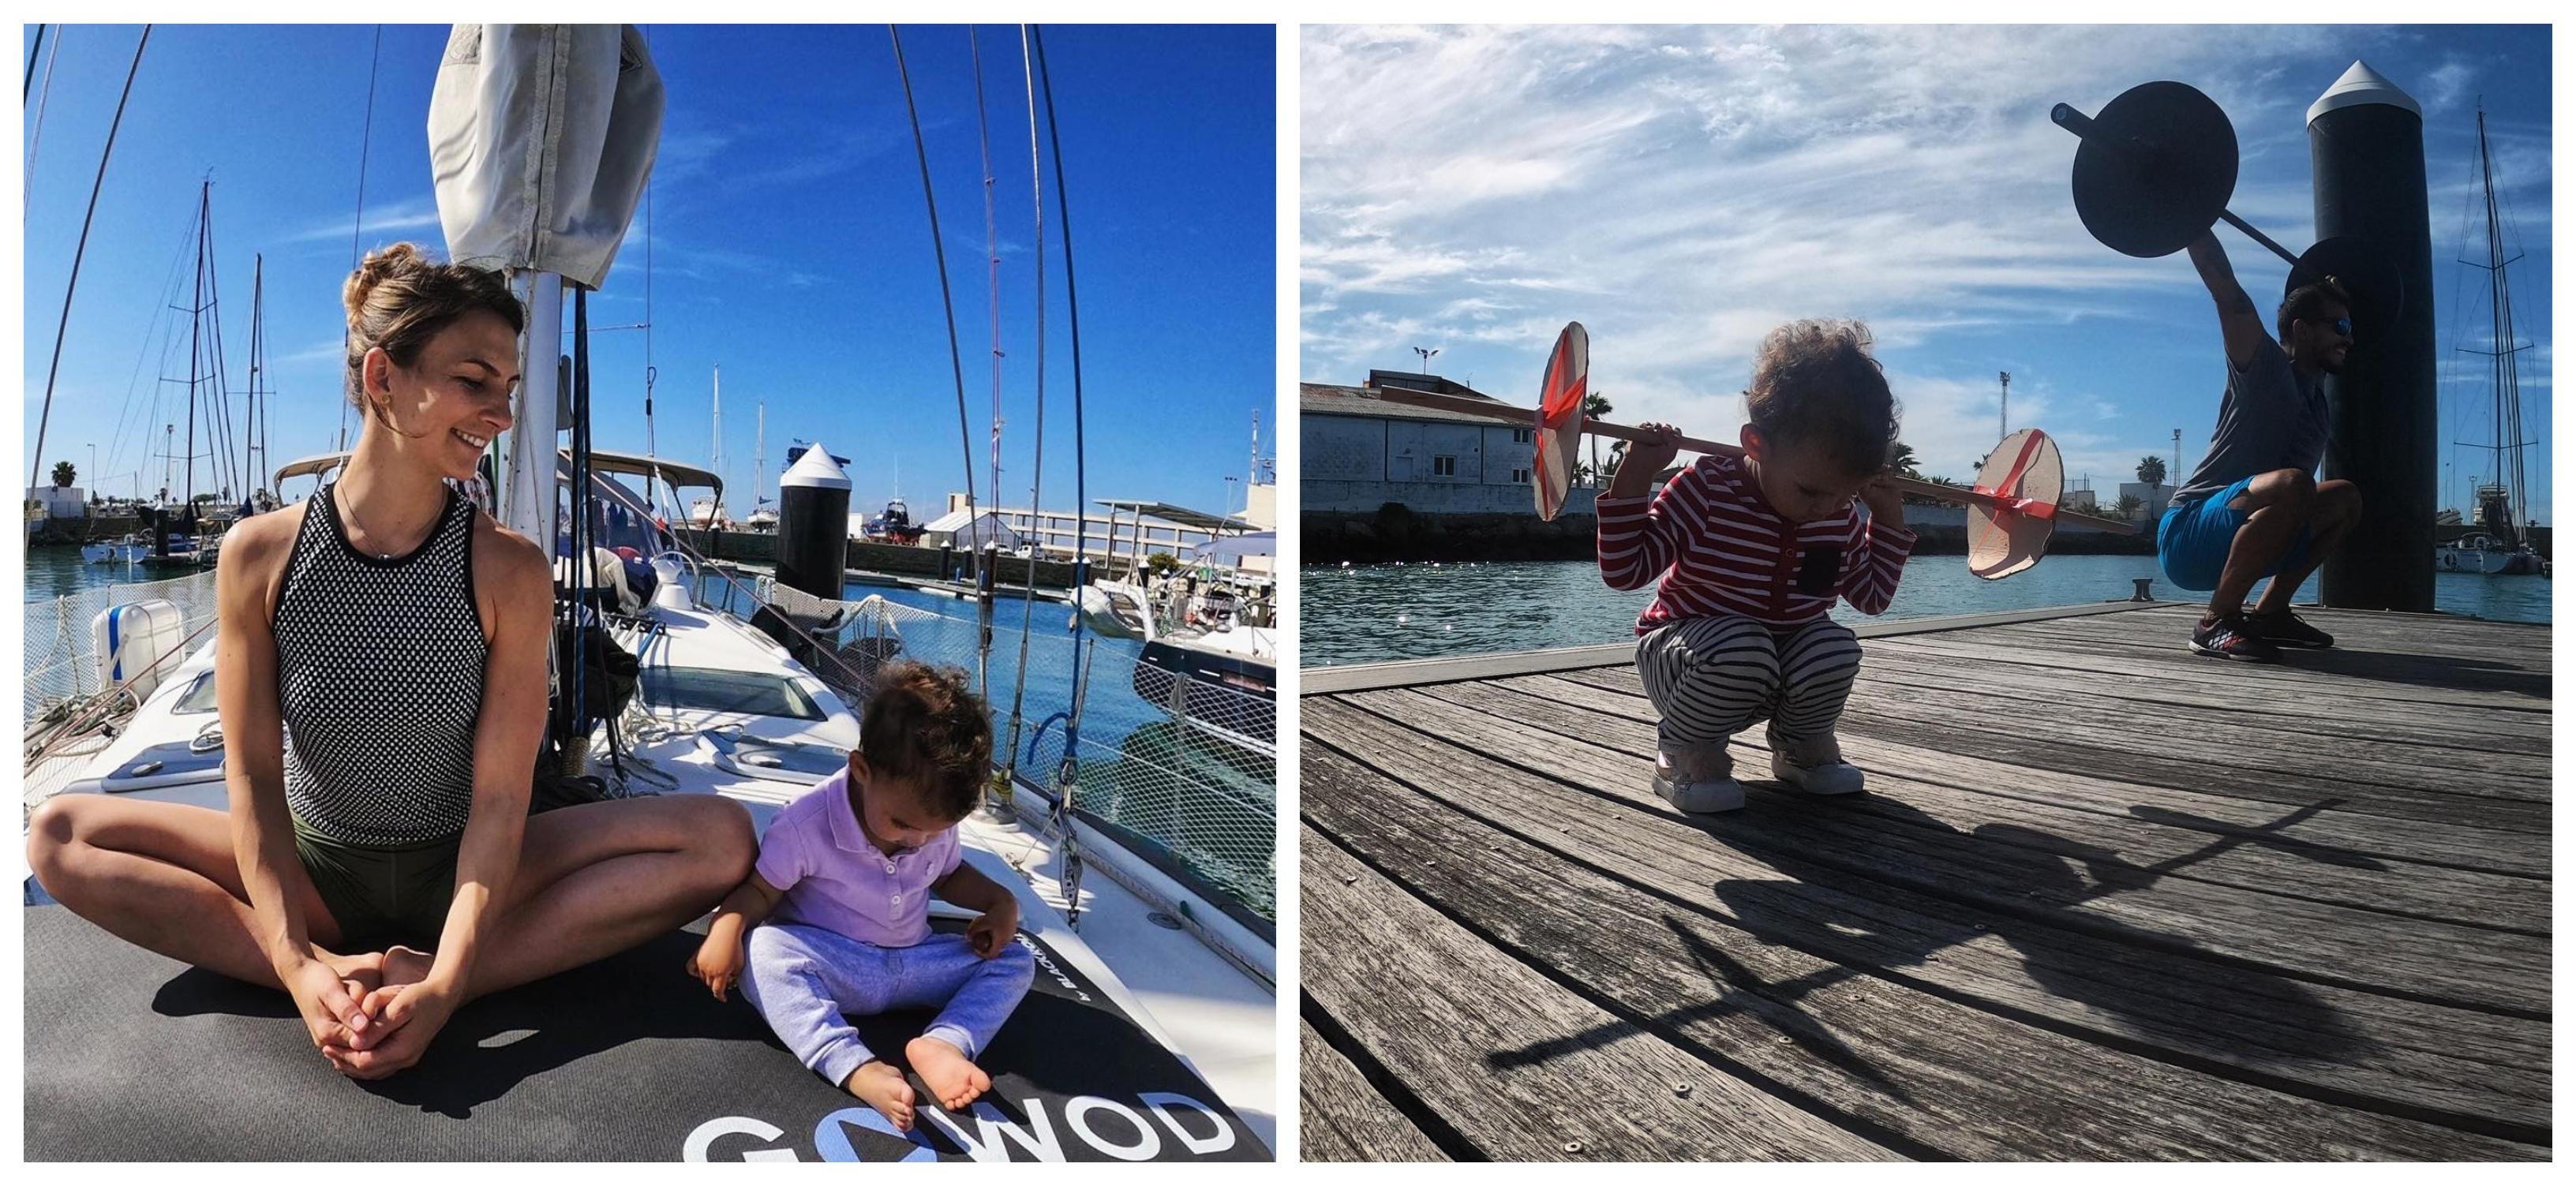 Marvin, Daniela et Bébé Tara en pleine séance de sport matinal. Photo: Sailing Nomad Citizen